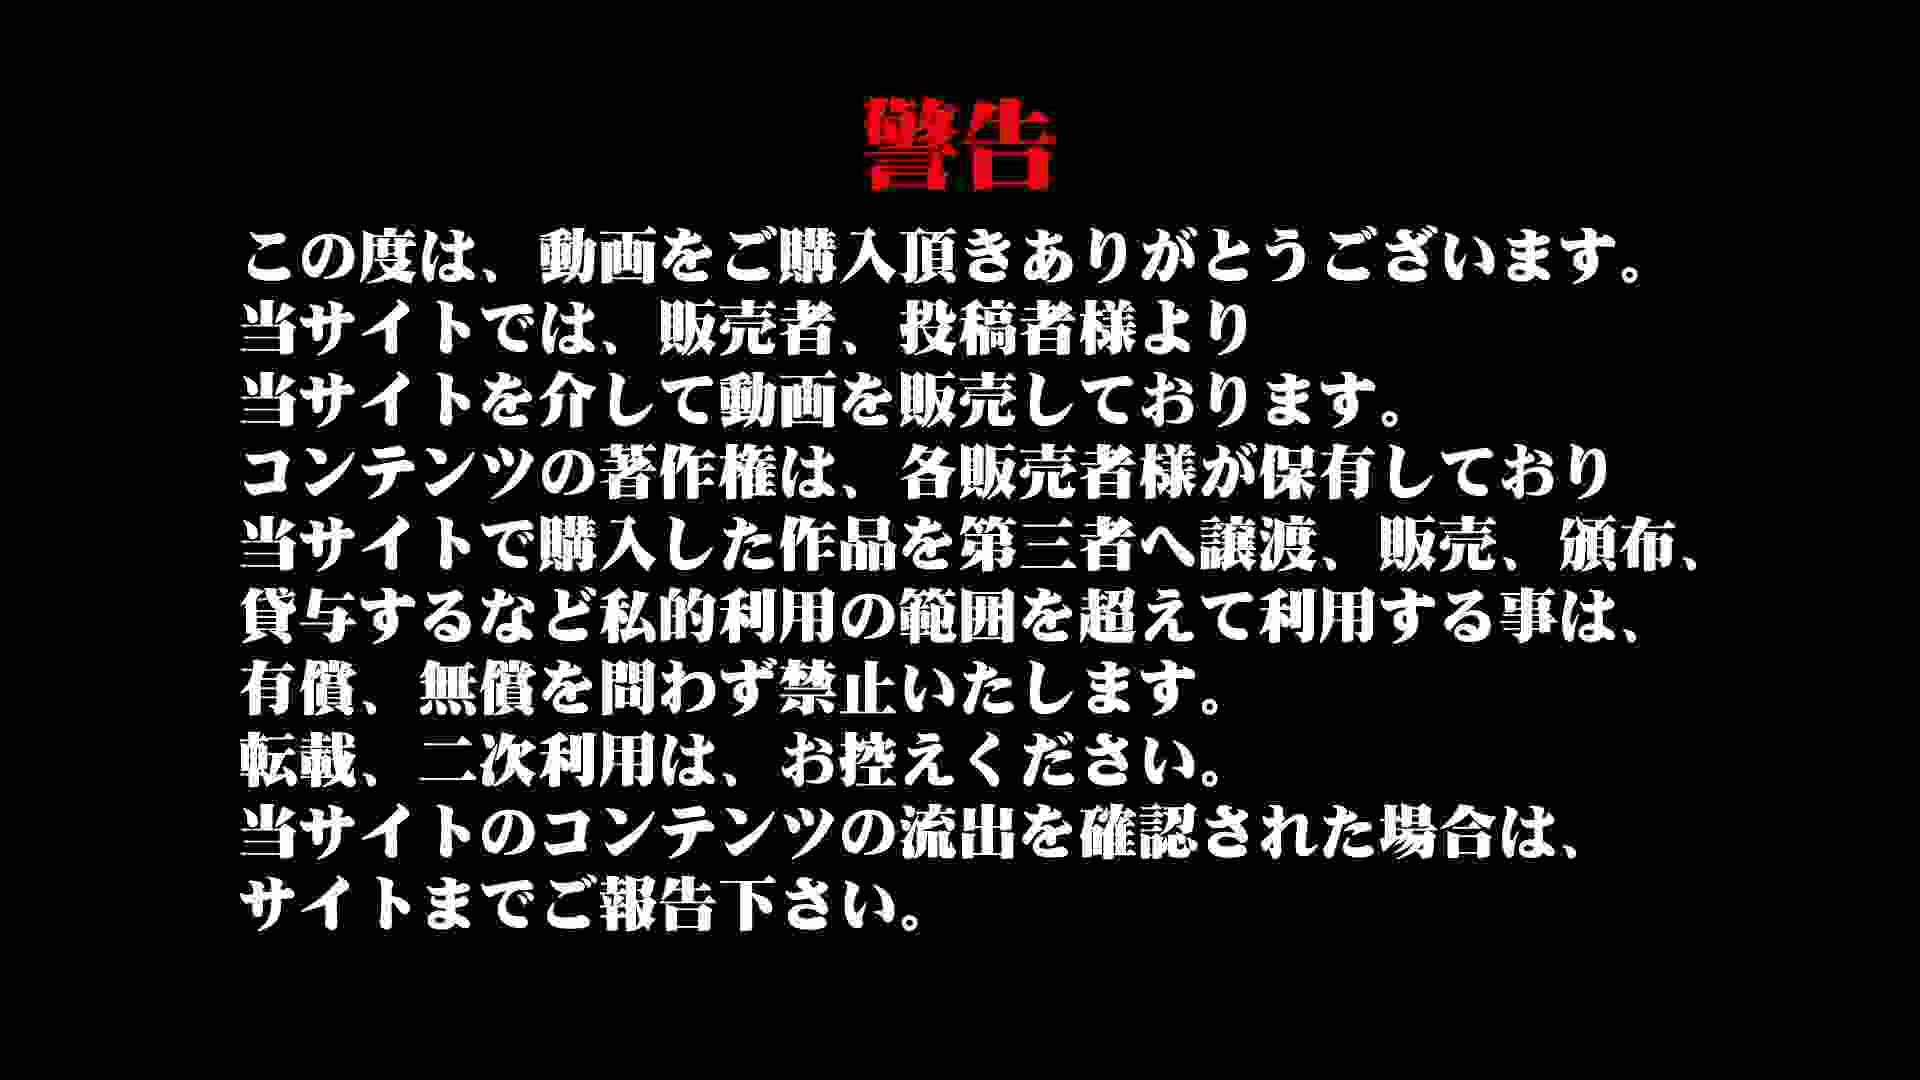 ギャルのツルピカ潜入盗撮!Vol.09 盗撮エロすぎ   ギャル・コレクション  74連発